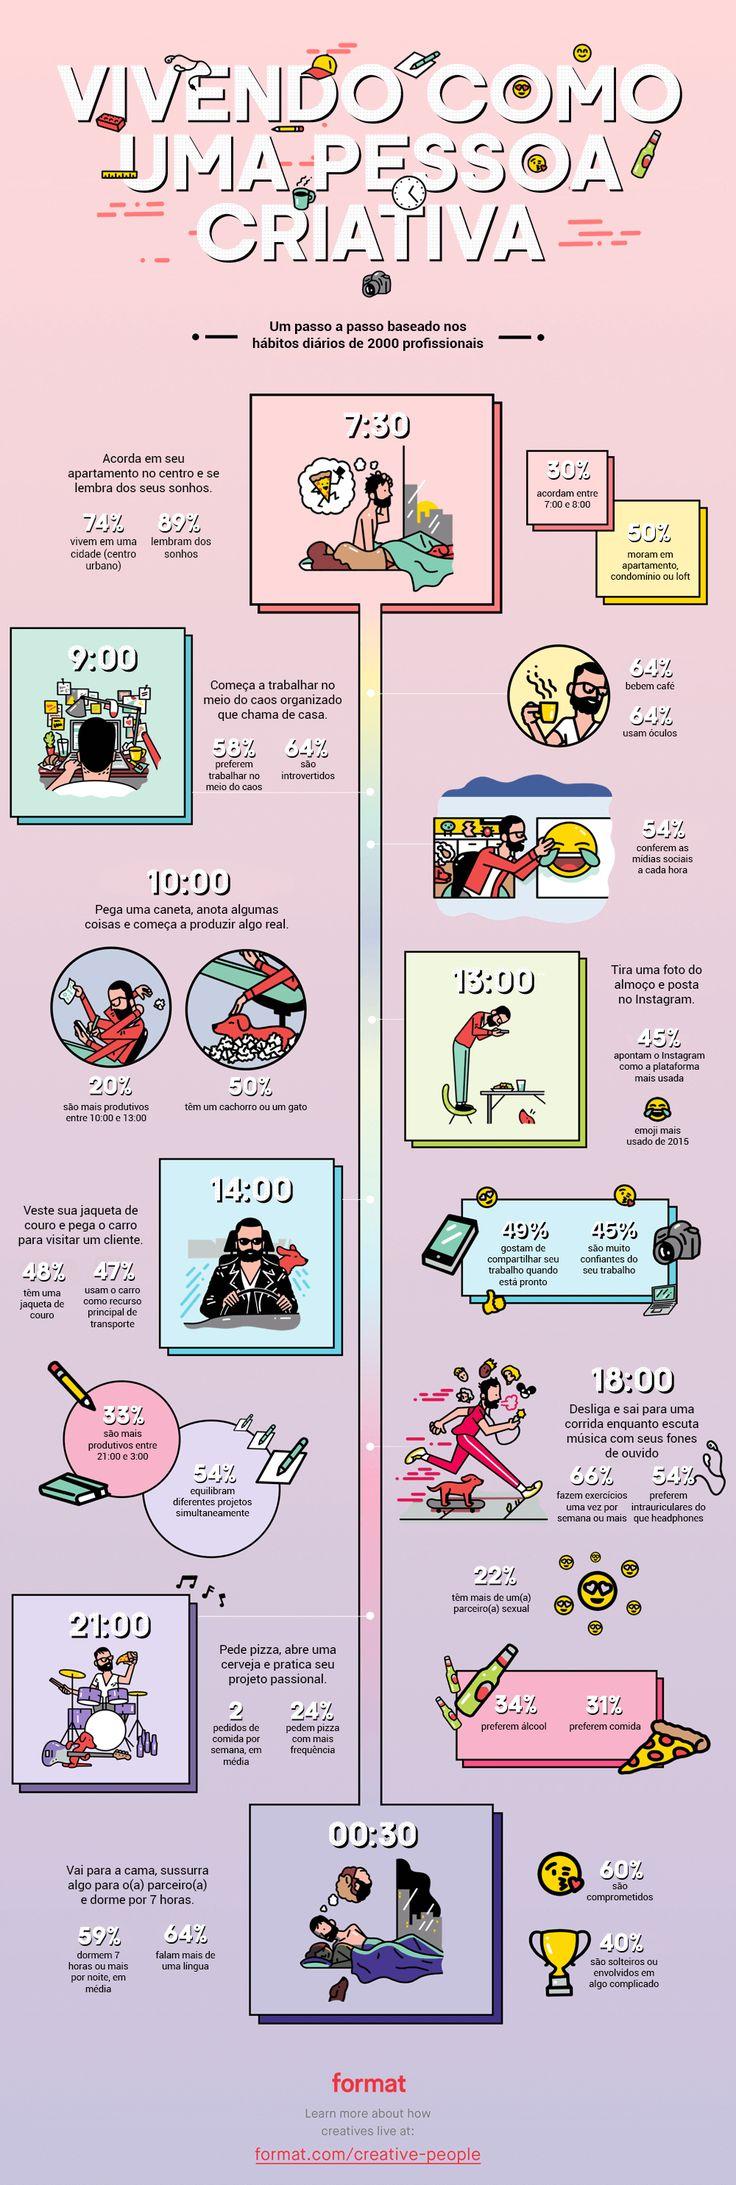 A vida de um criativo envolve jaquetas de couro e comer pizza. Confira neste infográfico o que os criativos fazem diariamente, hora a hora.